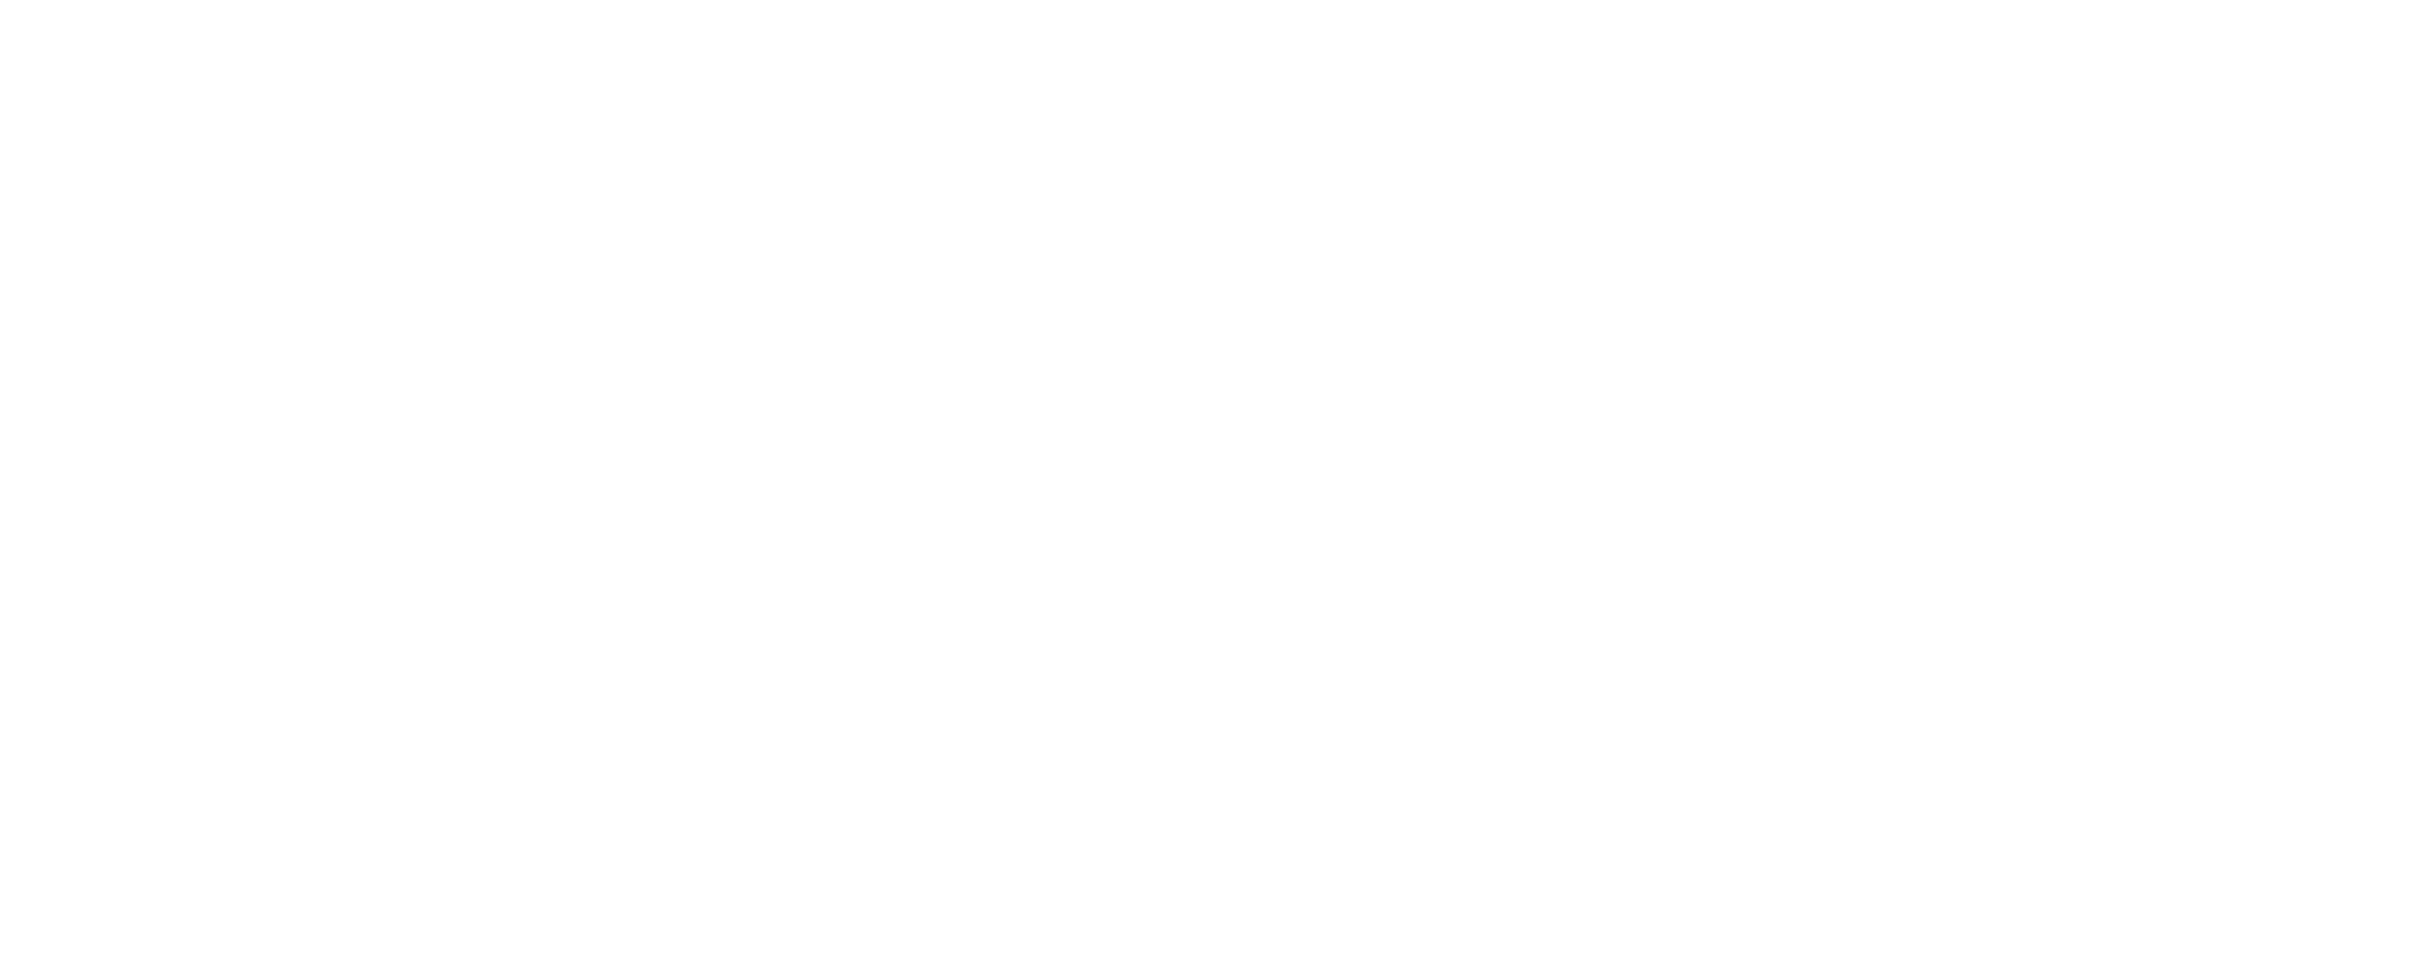 Logo de l'Association Canadienne pour l'Intégration Communautaire